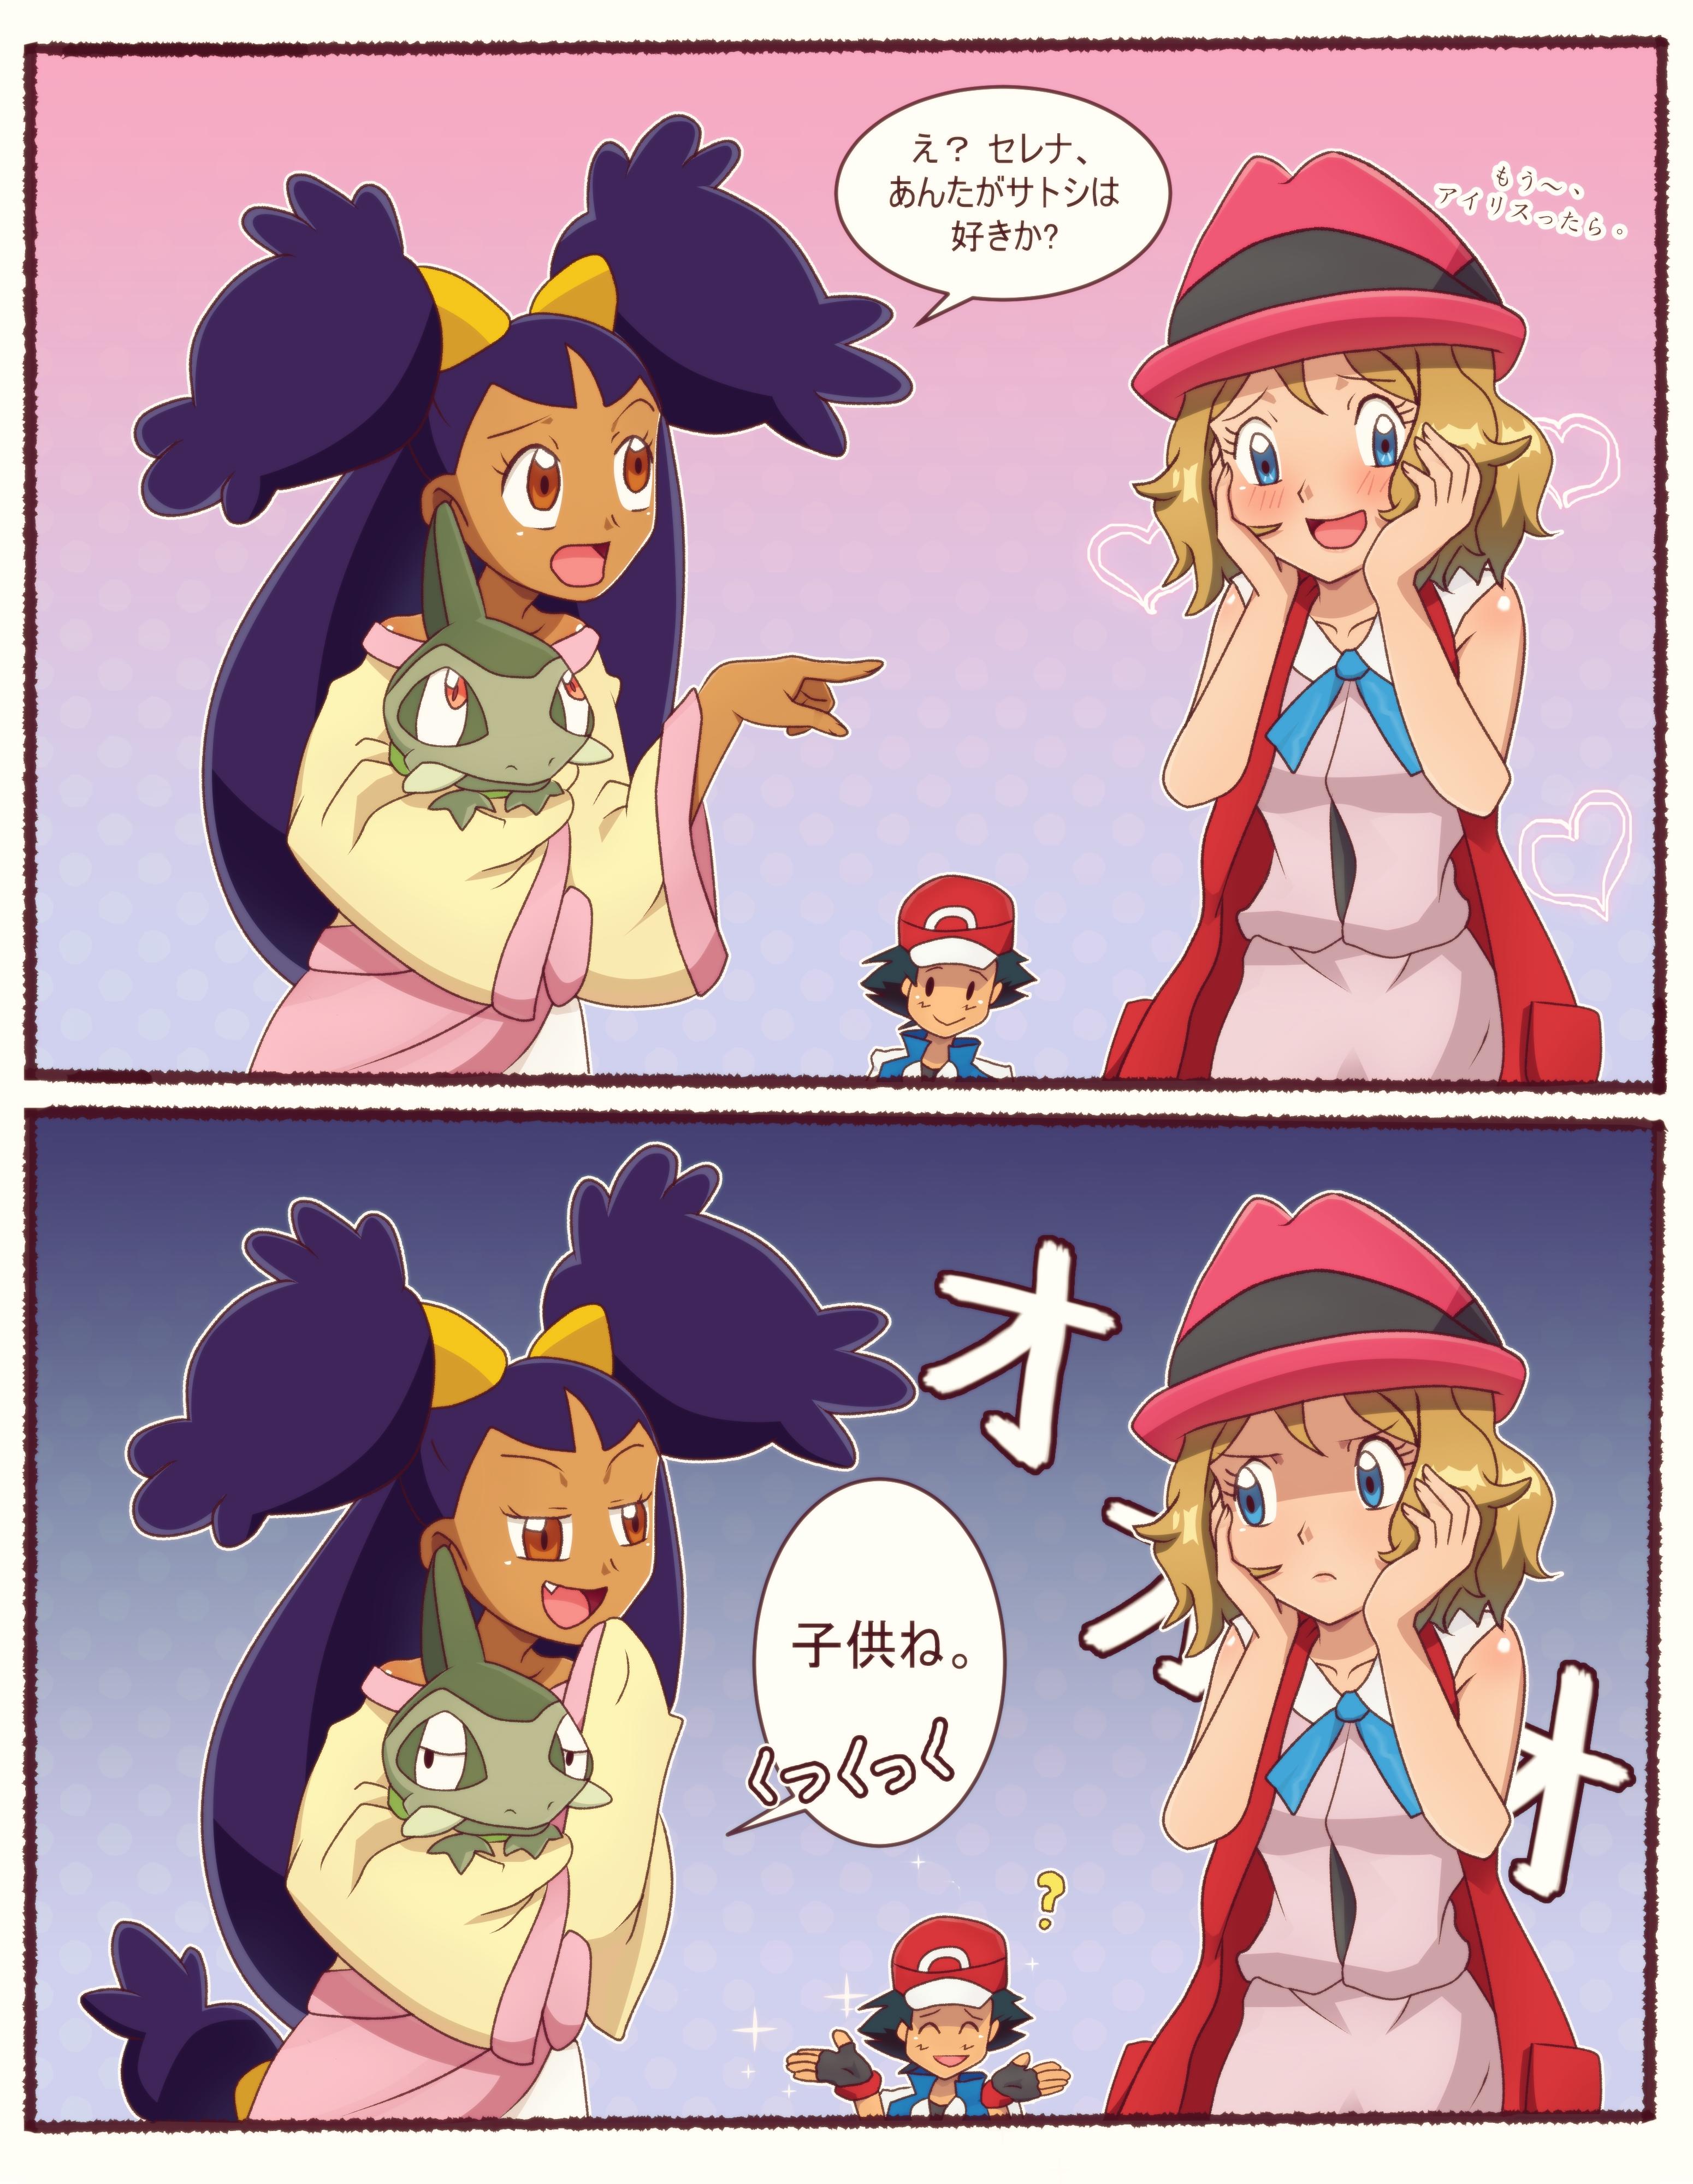 Pokémon/#2051401 - Zerochan